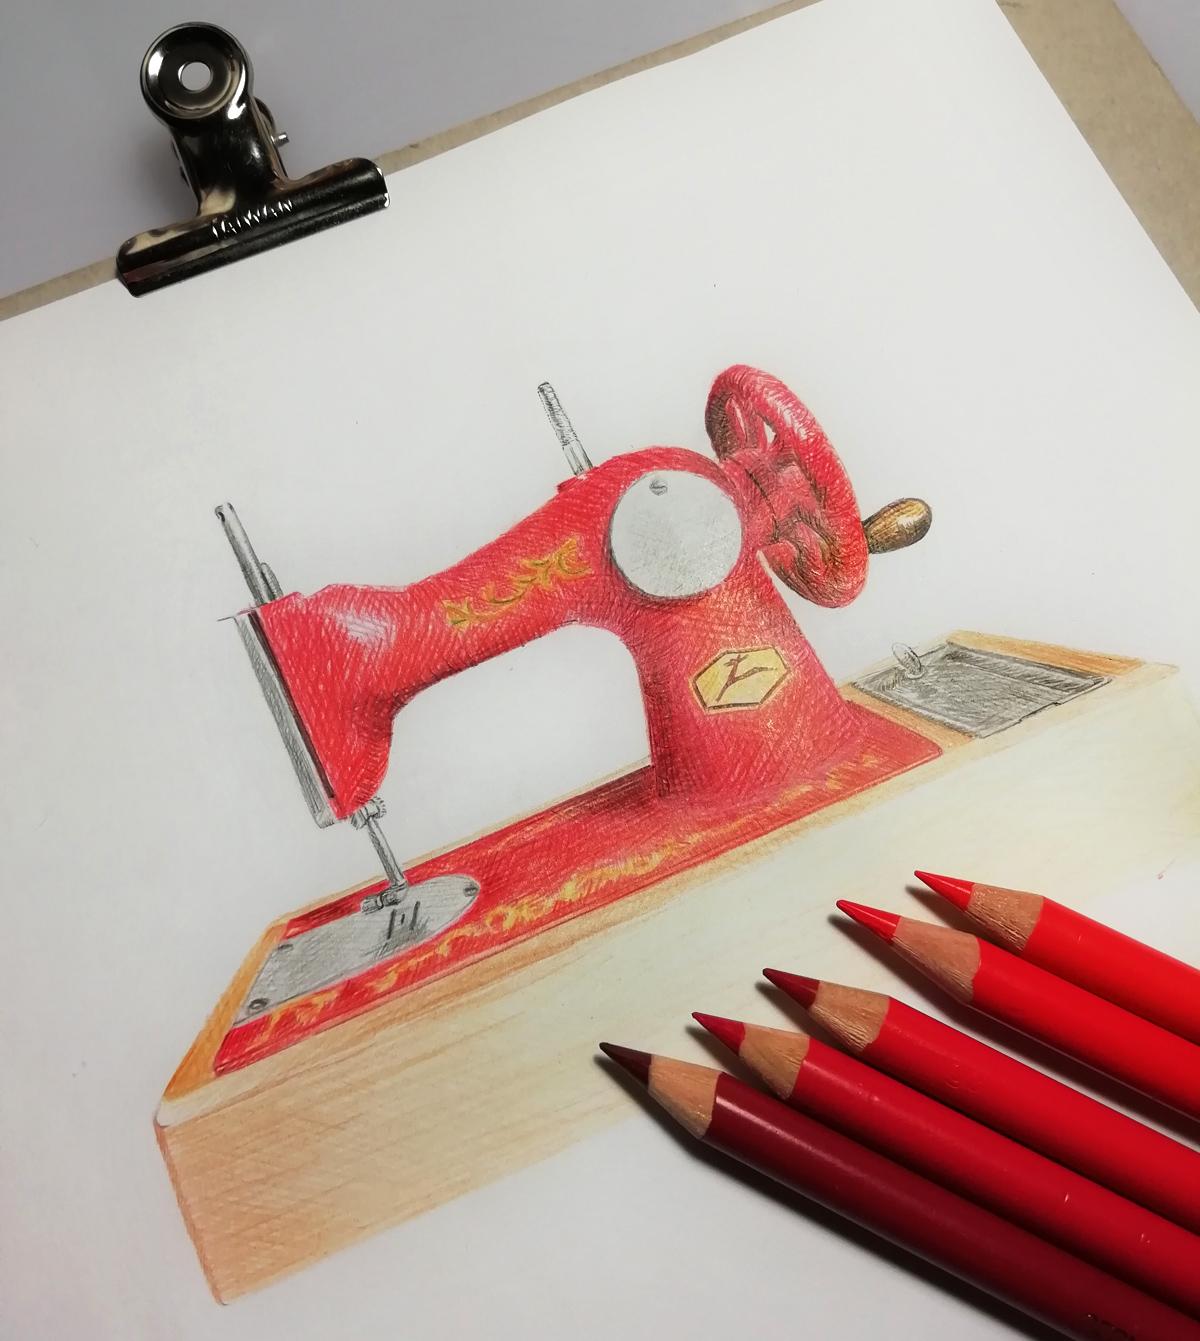 Rottäne aus Buntstiften ergeben diese schöne Zeichnung der Nähmaschine von Annas Oma.